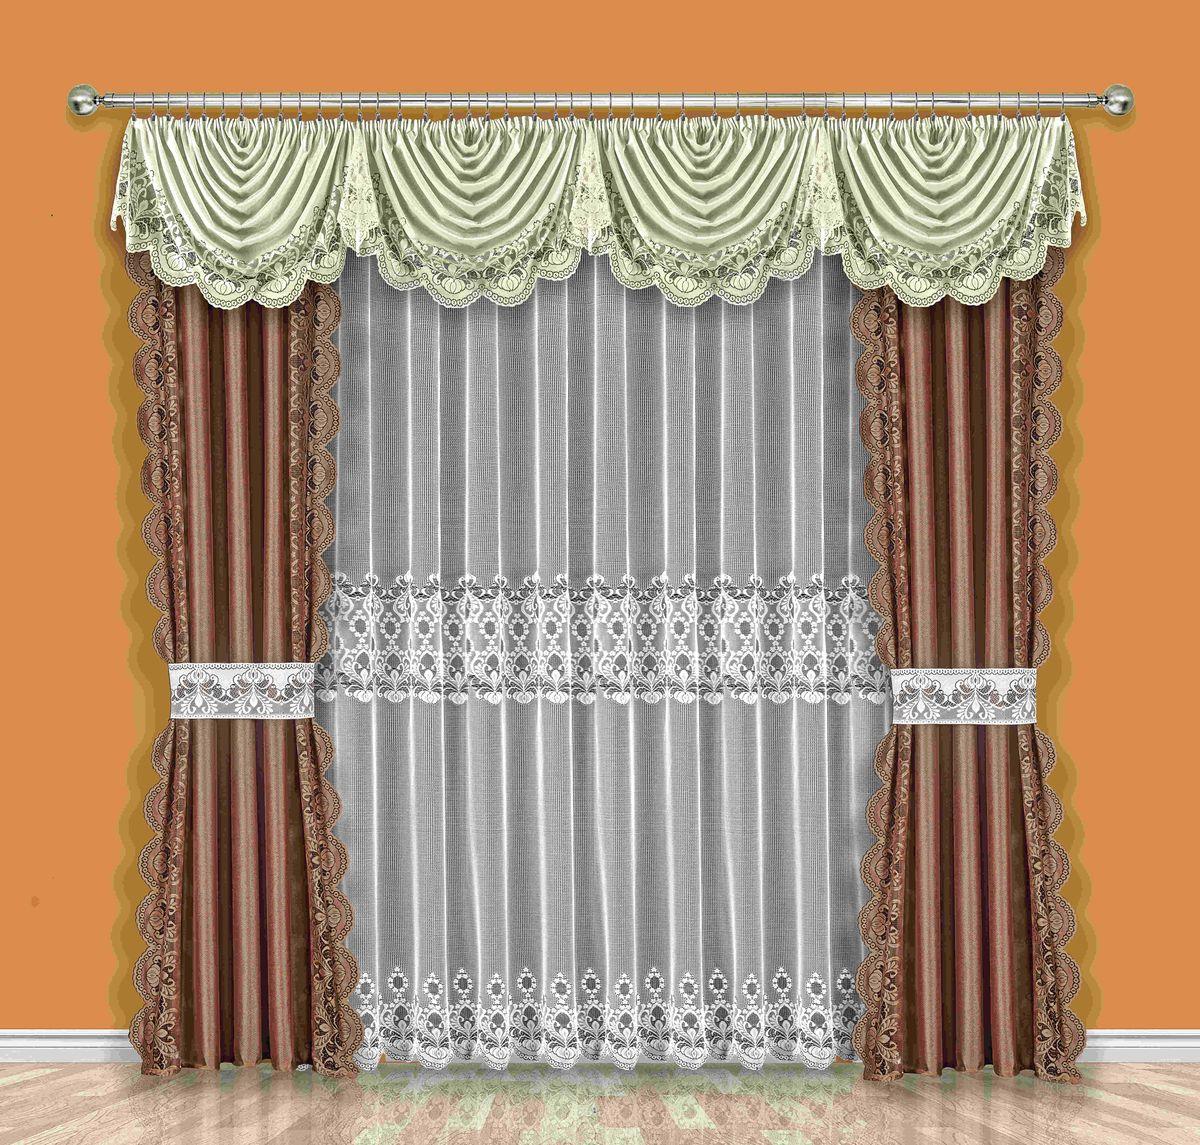 Комплект штор Wisan Orina, на ленте, цвет: белый, коричневый, высота 250 см189WКомплект штор Wisan Orina выполненный из полиэстера, великолепно украсит любое окно. В комплект входят 2 шторы, тюль, ламбрекен и 2 подхвата. Интересный крой и нежный узор придают комплекту особый стиль и шарм. Тонкое плетение, нежная цветовая гамма и роскошное исполнение - все это делает шторы Wisan Orina замечательным дополнением интерьера помещения. Комплект оснащен шторной лентой для красивой сборки. В комплект входит: Штора - 2 шт. Размер (ШхВ): 145 см х 250 см. Тюль - 1 шт. Размер (ШхВ): 400 см х 250 см. Ламбрекен - 1 шт. Размер (ШхВ): 420 см х 95 см. Подхват - 2 шт. Фирма Wisan на польском рынке существует уже более пятидесяти лет и является одной из лучших польских фабрик по производству штор и тканей. Ассортимент фирмы представлен готовыми комплектами штор для гостиной, детской, кухни, а также текстилем для кухни (скатерти, салфетки, дорожки, кухонные занавески). Модельный ряд отличает оригинальный дизайн,...